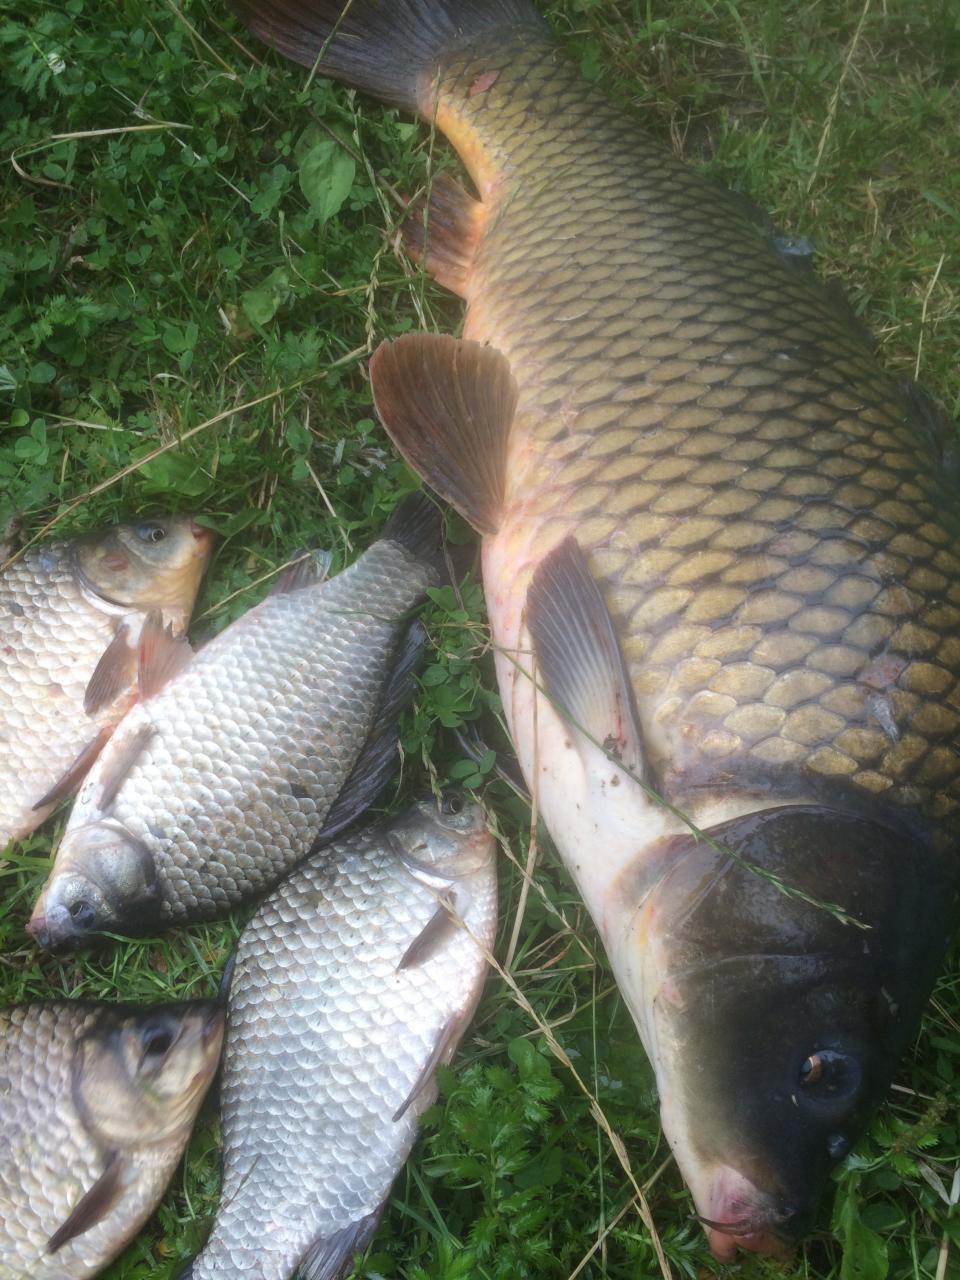 Июль подарил фейерверк приятных мгновений и порой даже ... | Отчеты о рыбалке в Беларуси